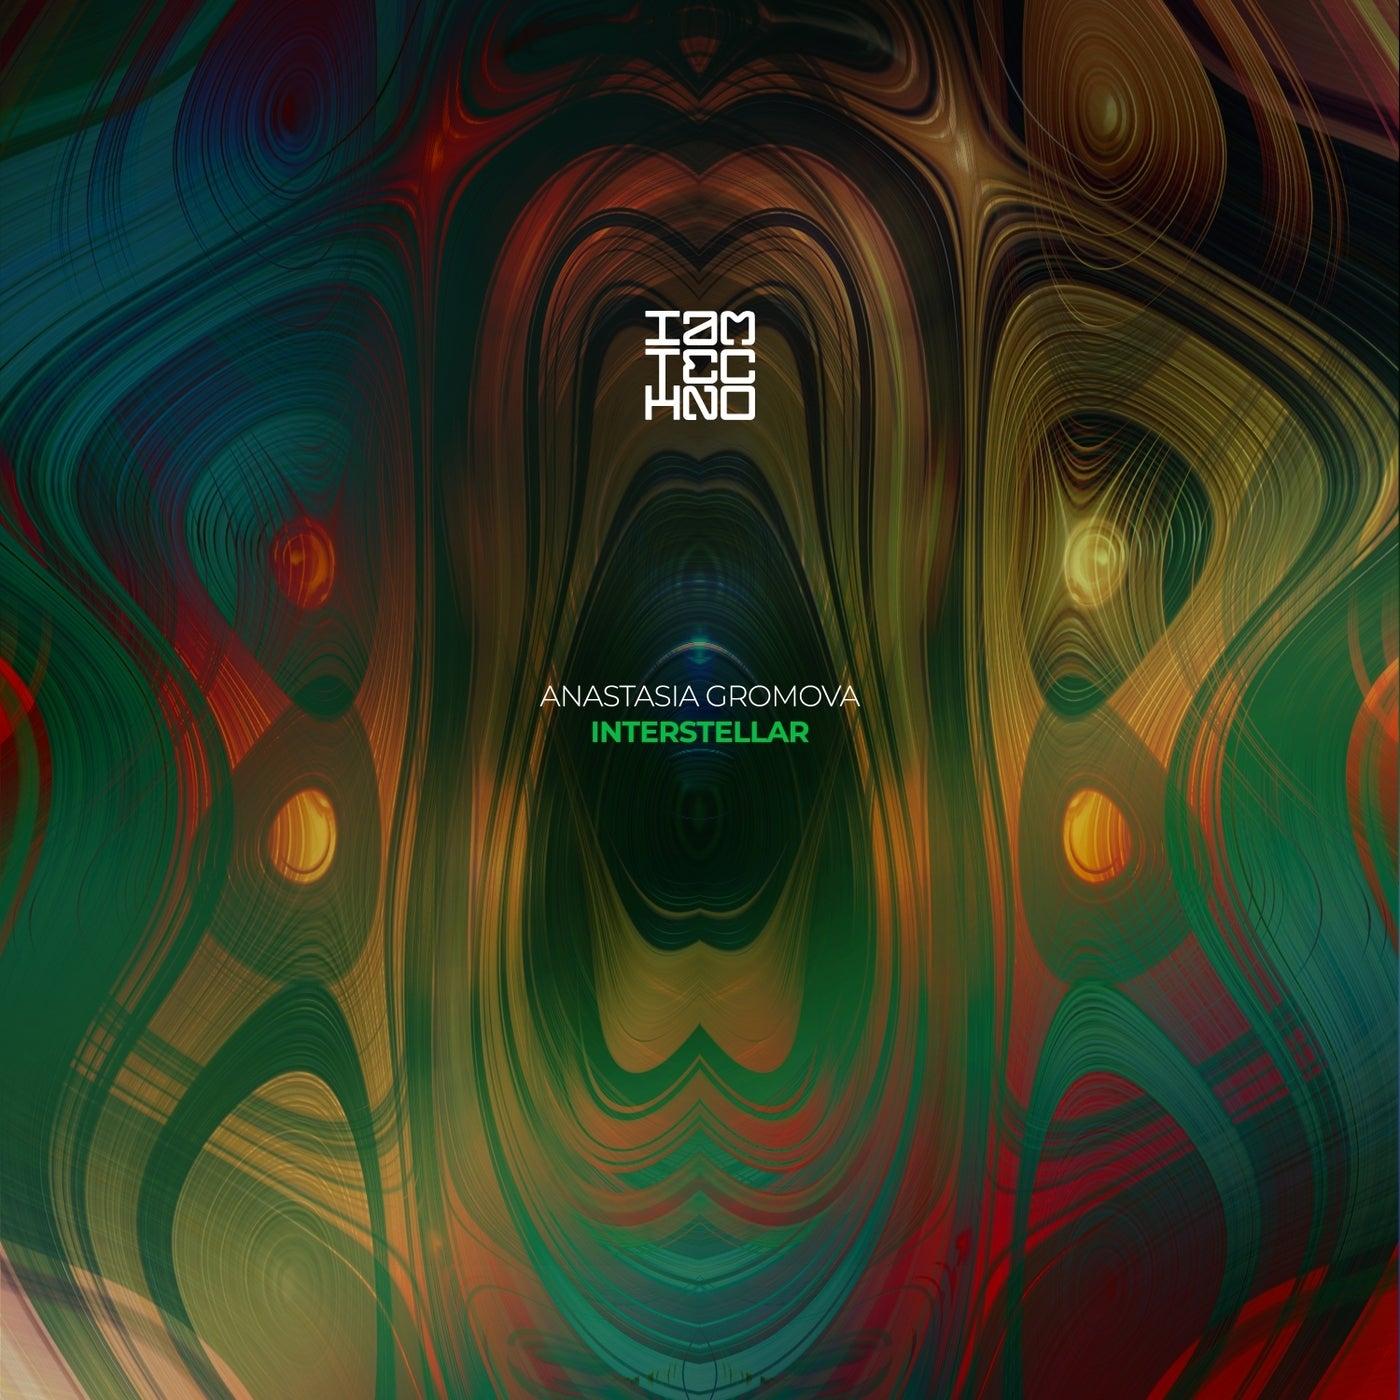 Download Interstellar on Electrobuzz